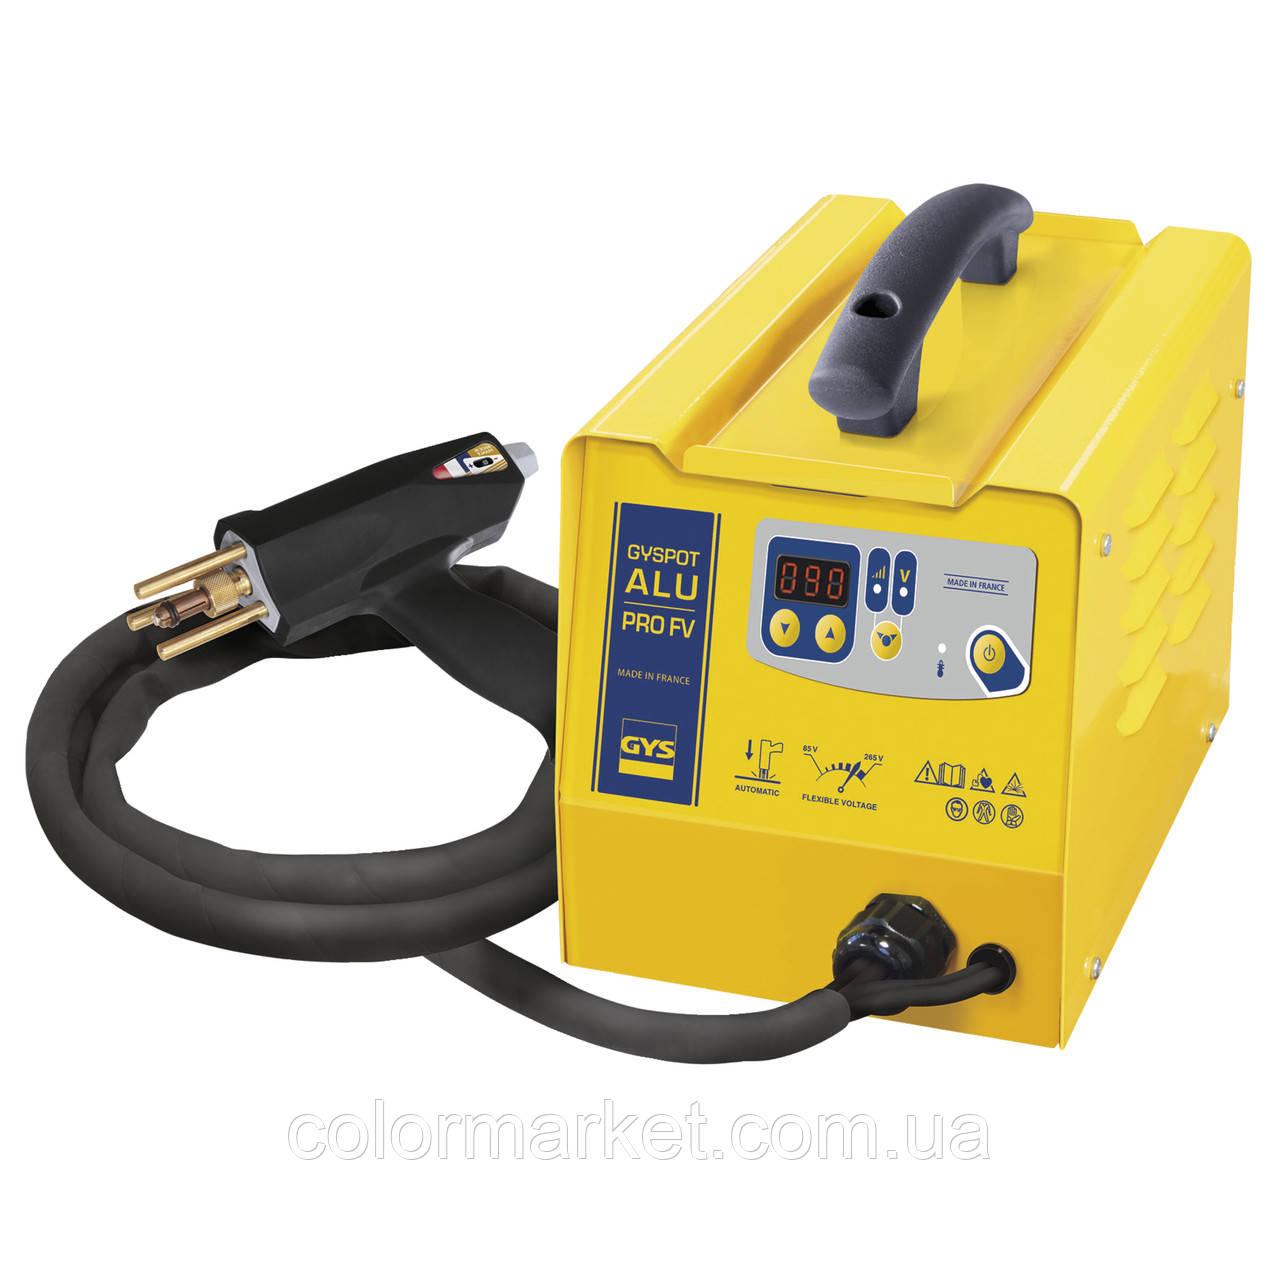 Аппарат для выпрямления стали и алюминия (спотер) COMBI 230 E PRO, GYS